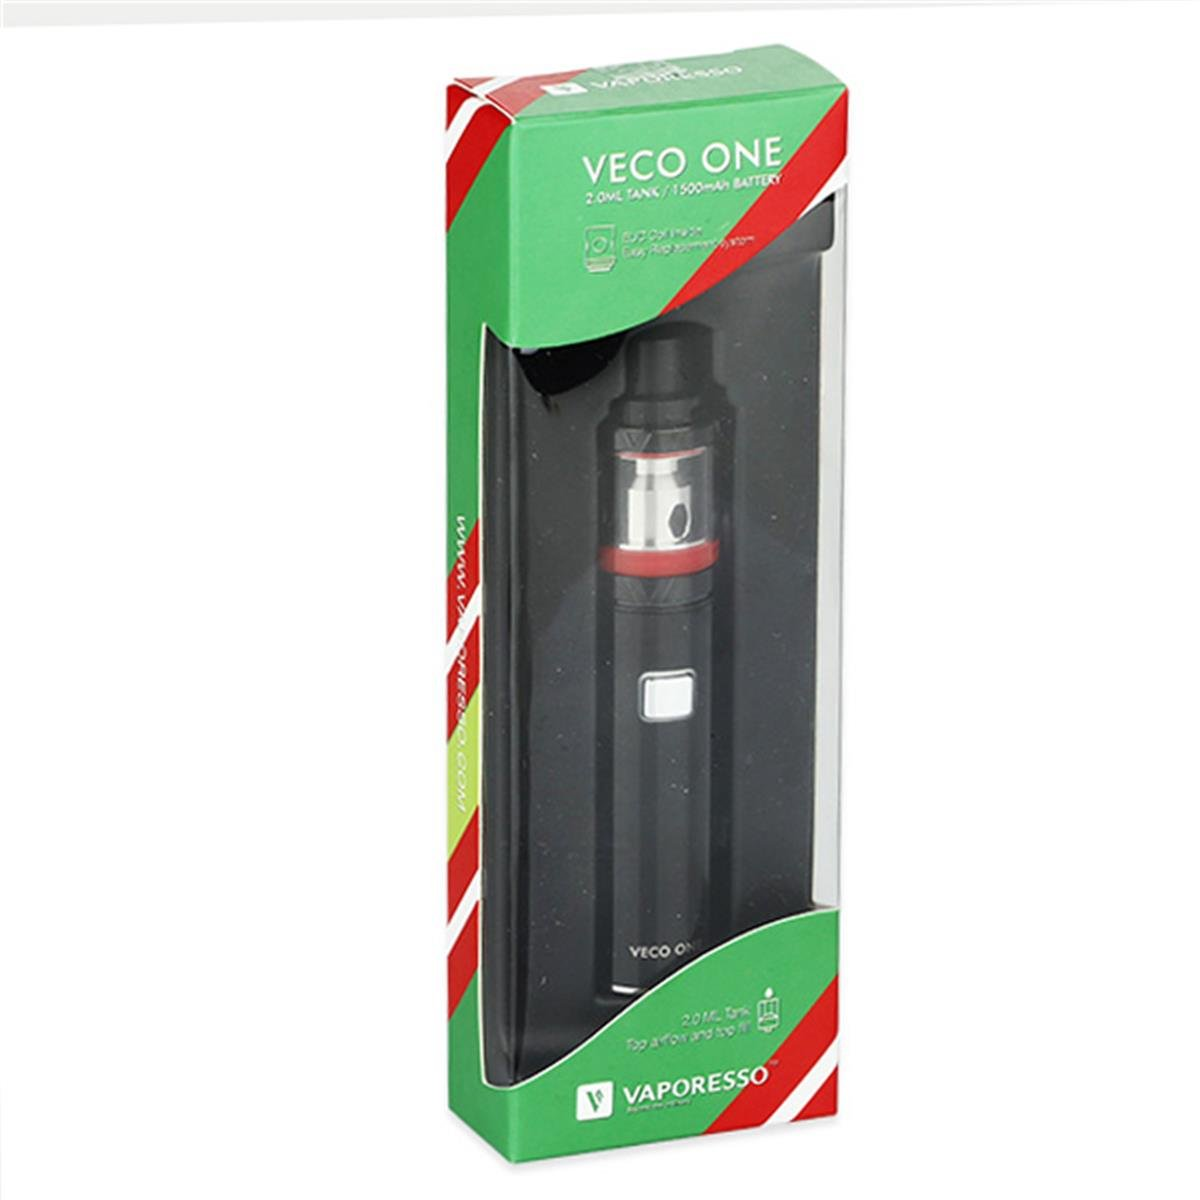 Vaporesso Veco One Starter Kit (Negro): Amazon.es: Salud y cuidado personal